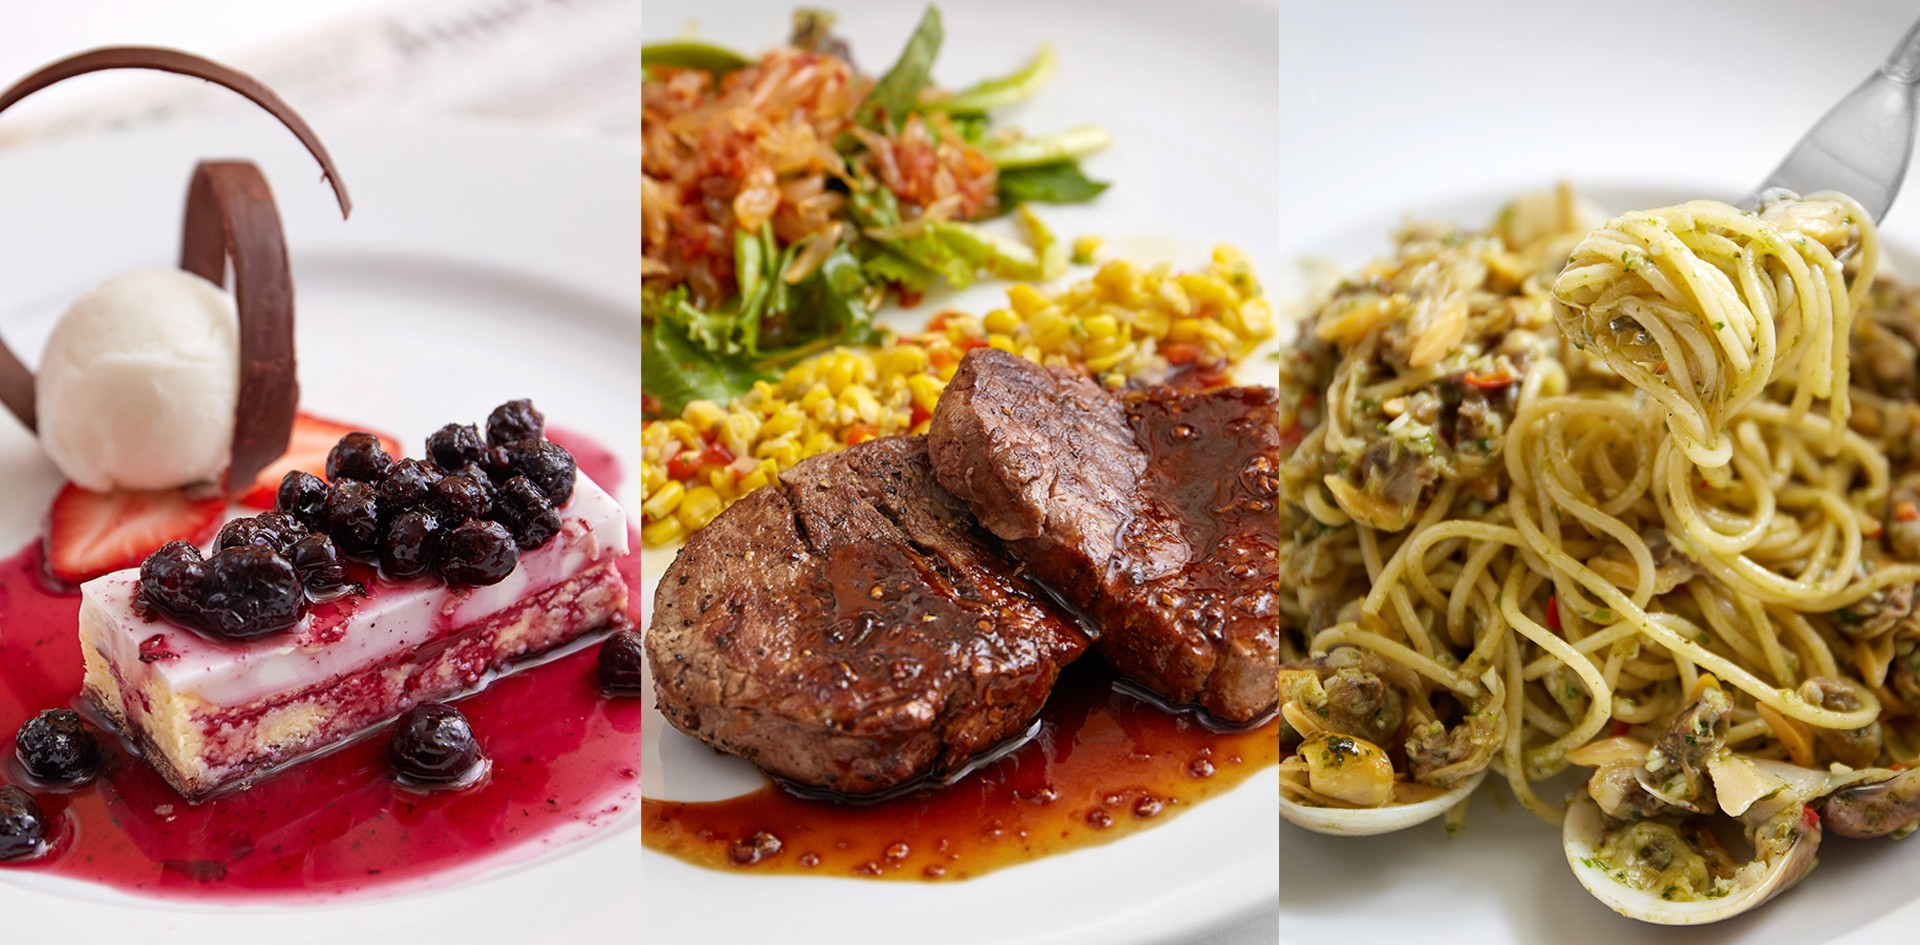 """ดื่มด่ำอาหารฝรั่งเศสกับบรรยากาศสุดโรแมนติกใจกลางเมือง """"C'est bon"""""""